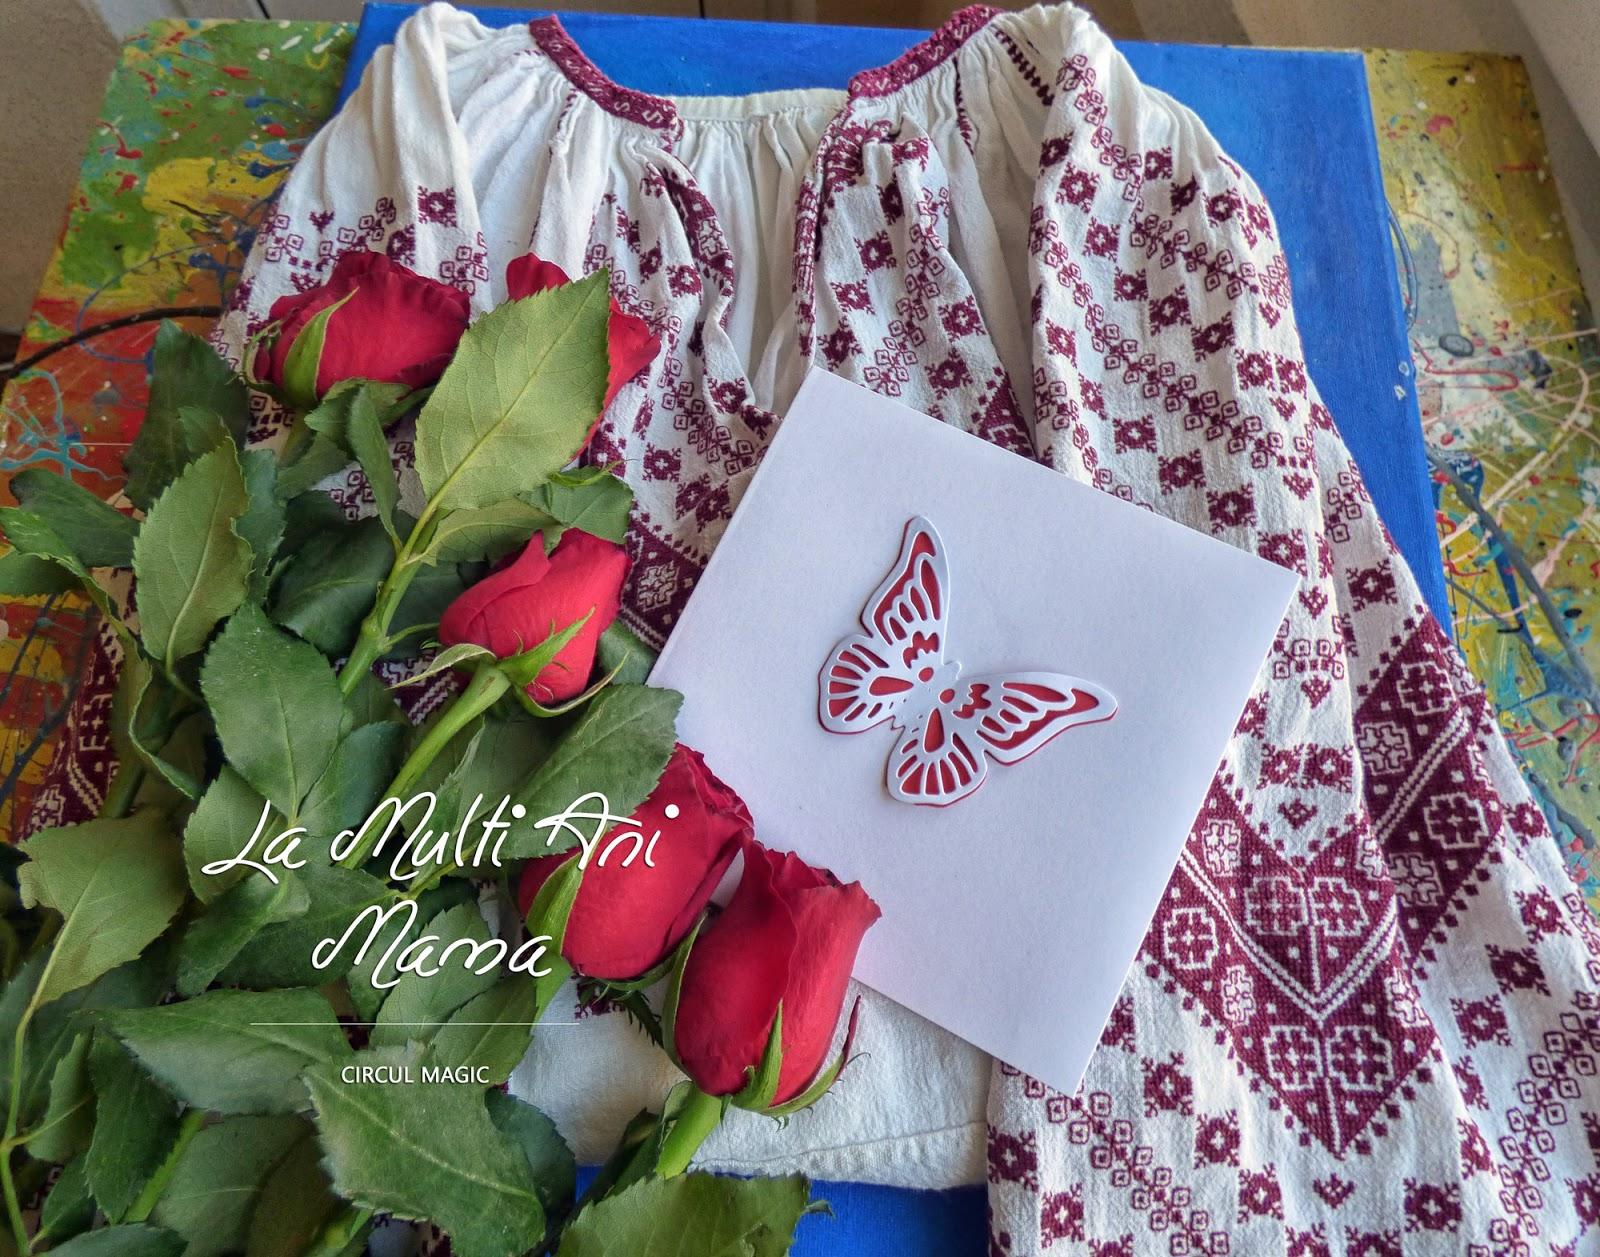 La Multi Ani Mama - 8 Martie 2017 - Ie Trandafiri Fluture Felicitare